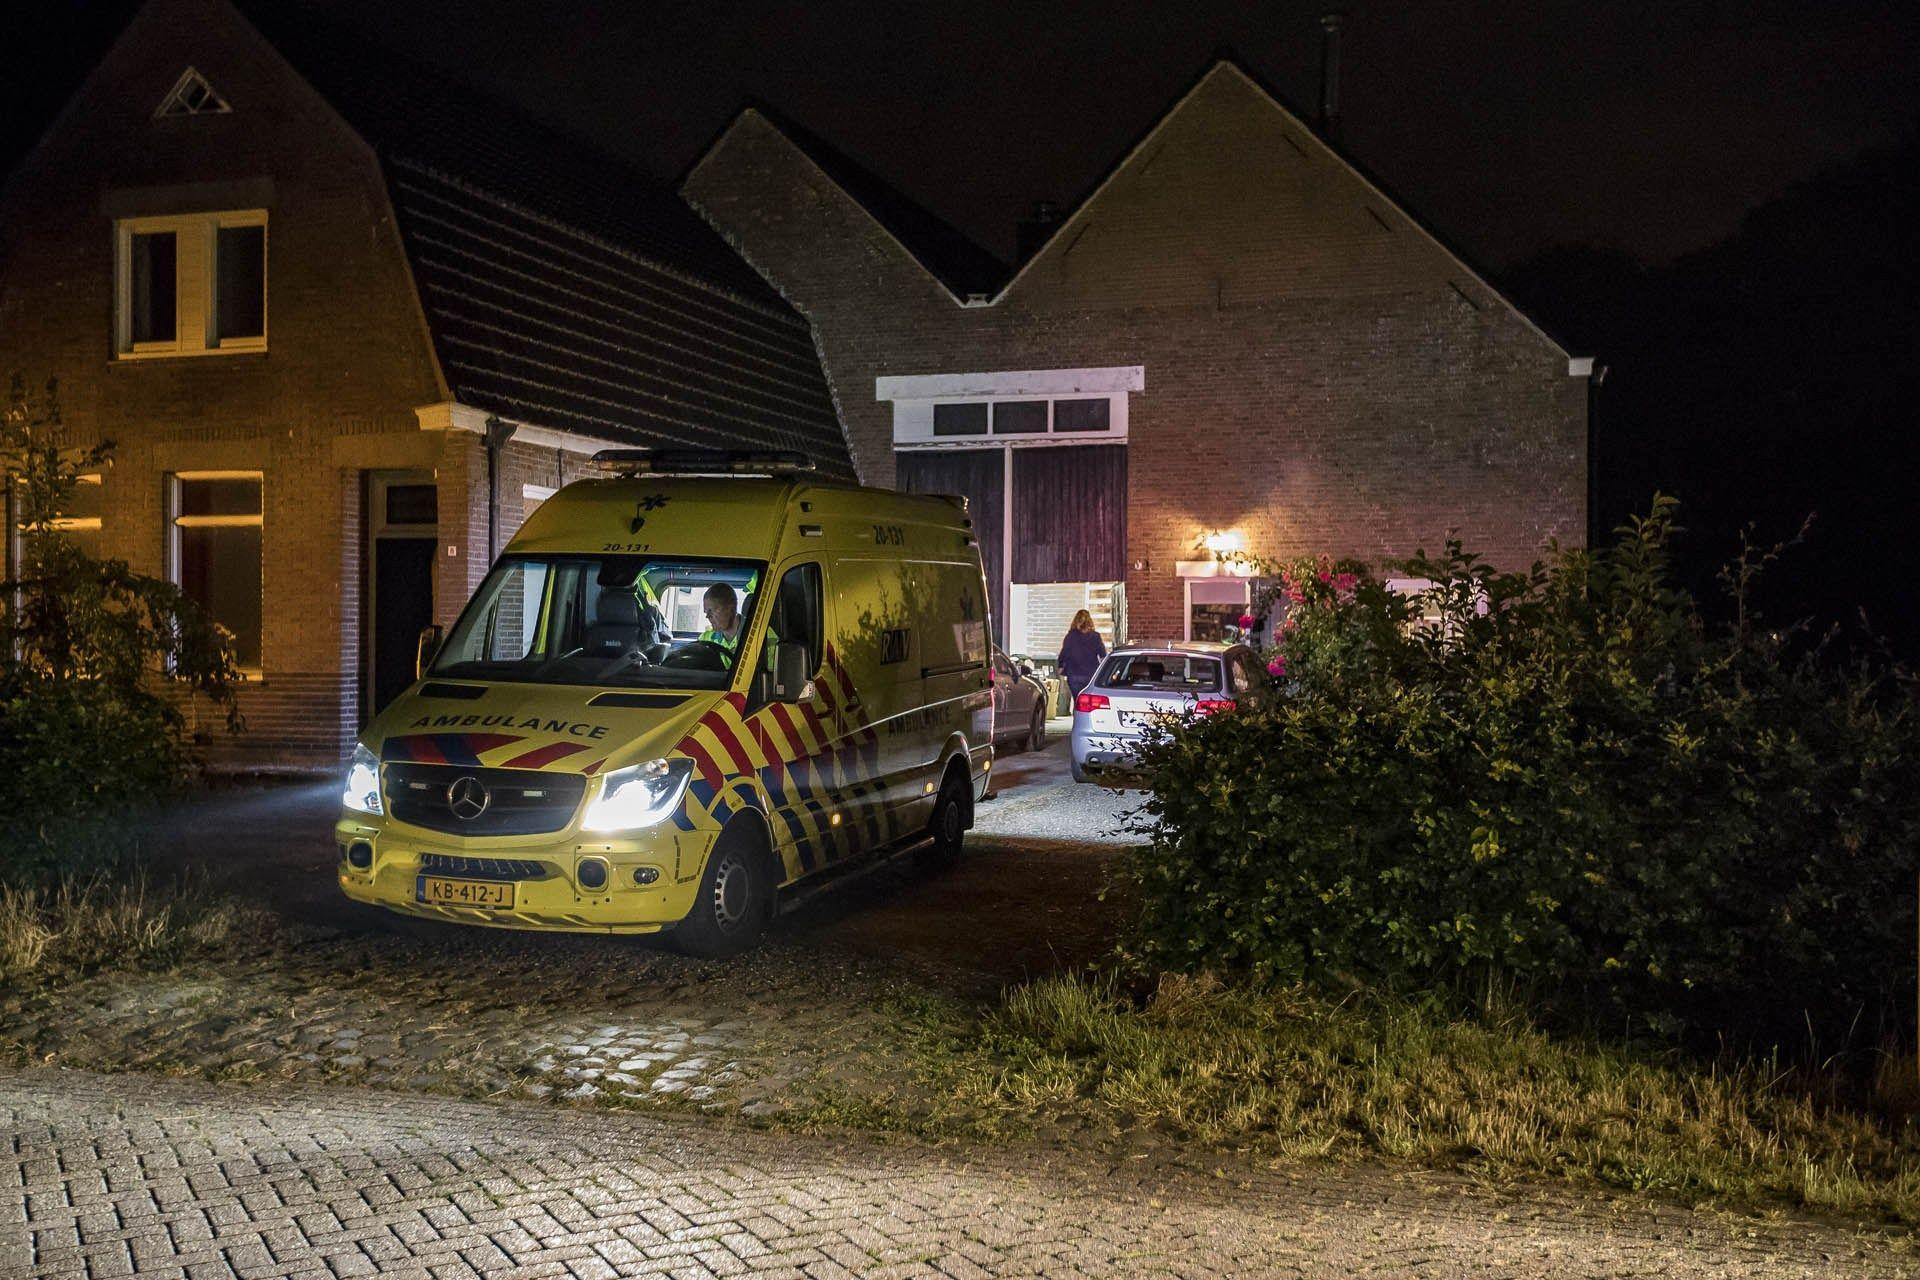 Man Gewond Na Val Van Trapje In Woning Oosteind Brabant Actueel Man Ambulance Hoogwerkers